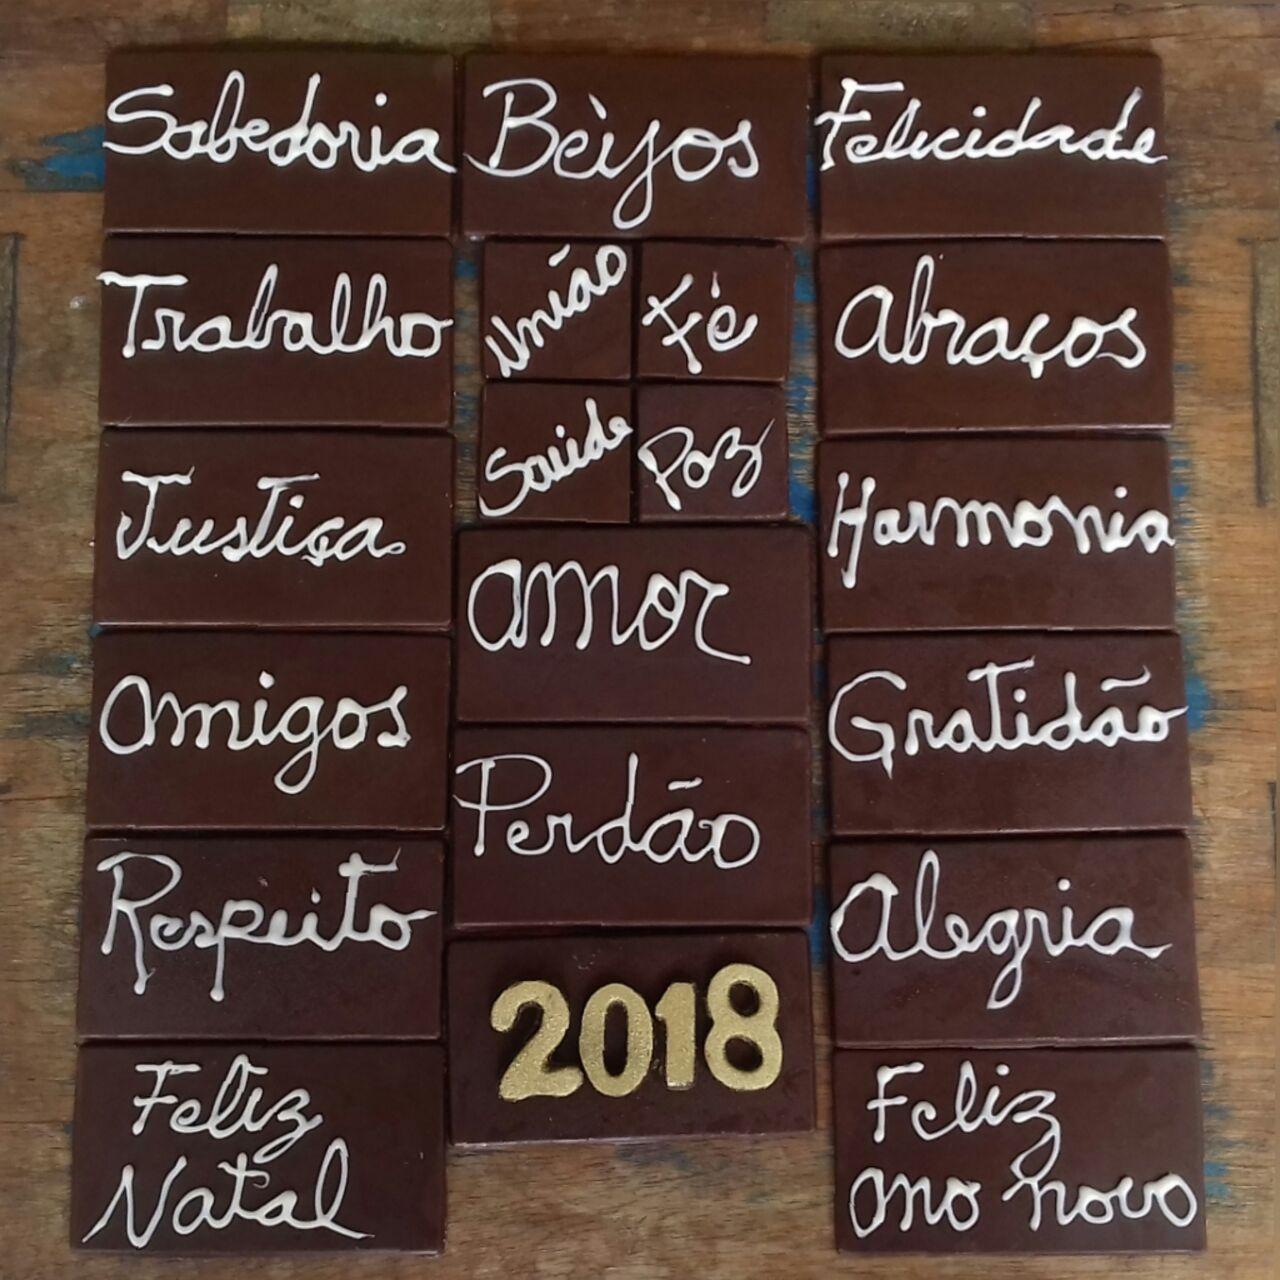 """A exclusiva novidade da Alucinnante Mordidade para esse Natal: """"Caixa de Desejos 2018"""" com diversas barras de delicioso chocolate belga e votos de coisas boas."""